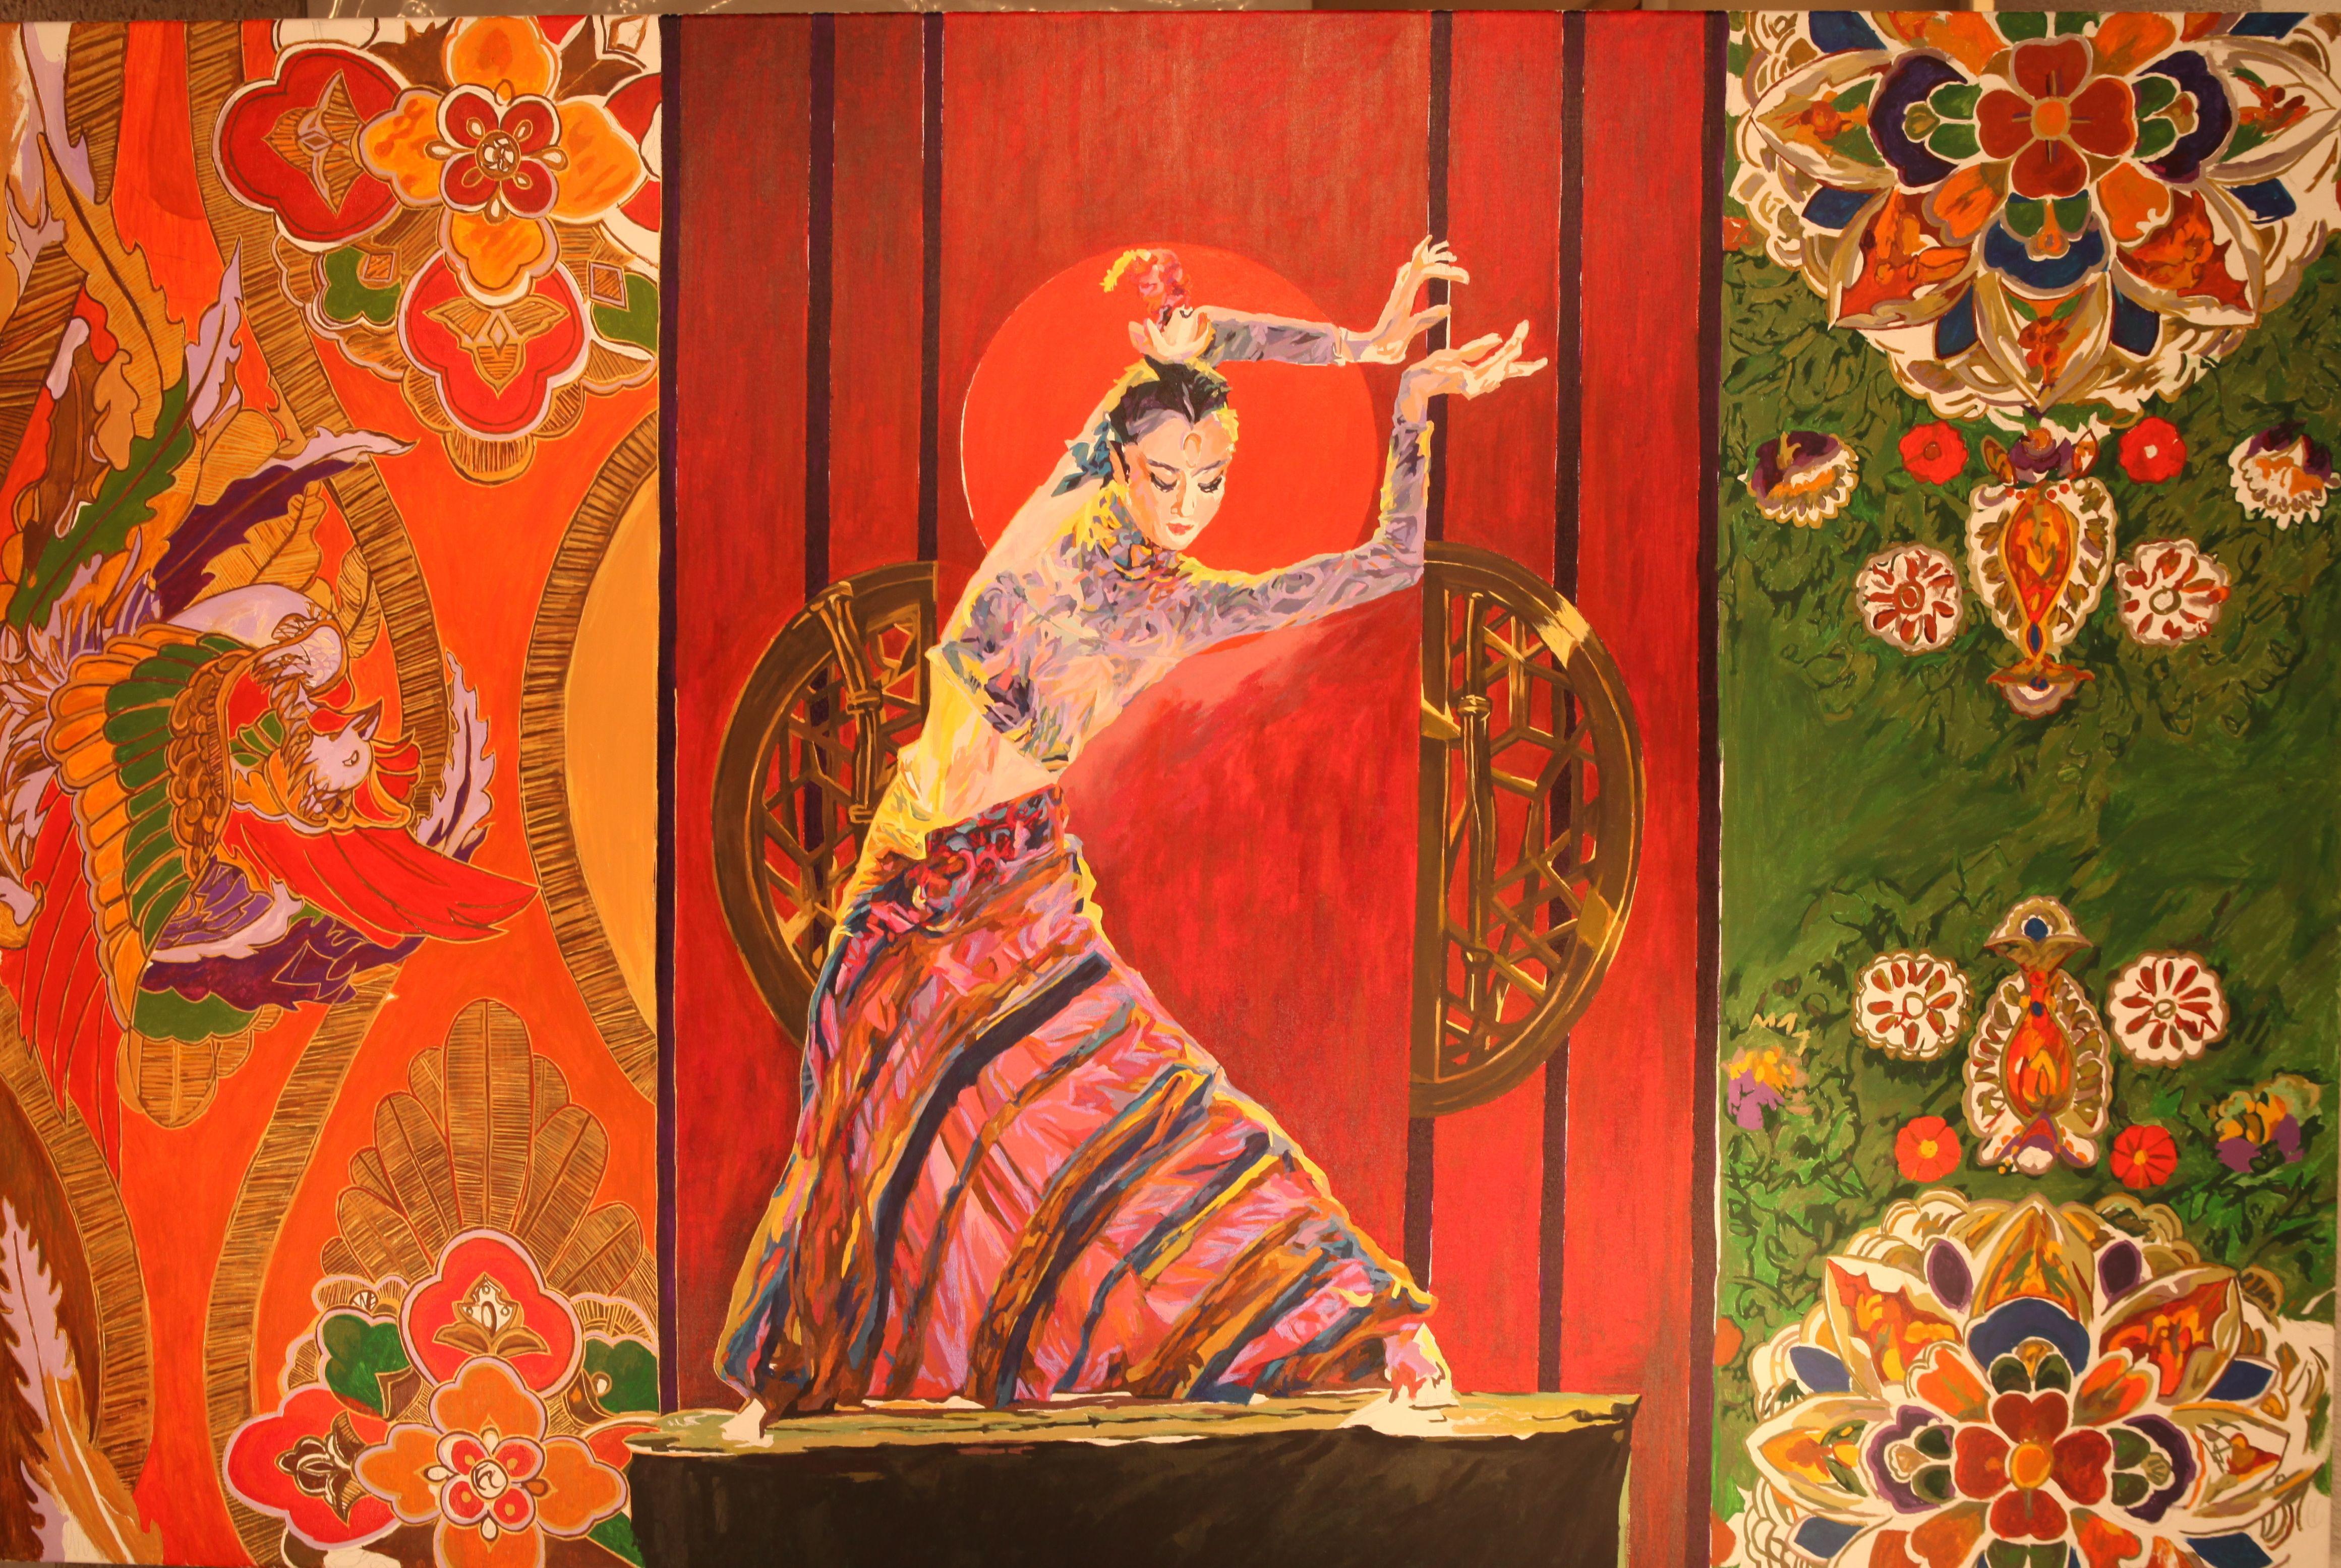 巜大唐盛世》大型系列組画节选一一《大明宫乐舞写意》(48x72英尺)现代重彩画.